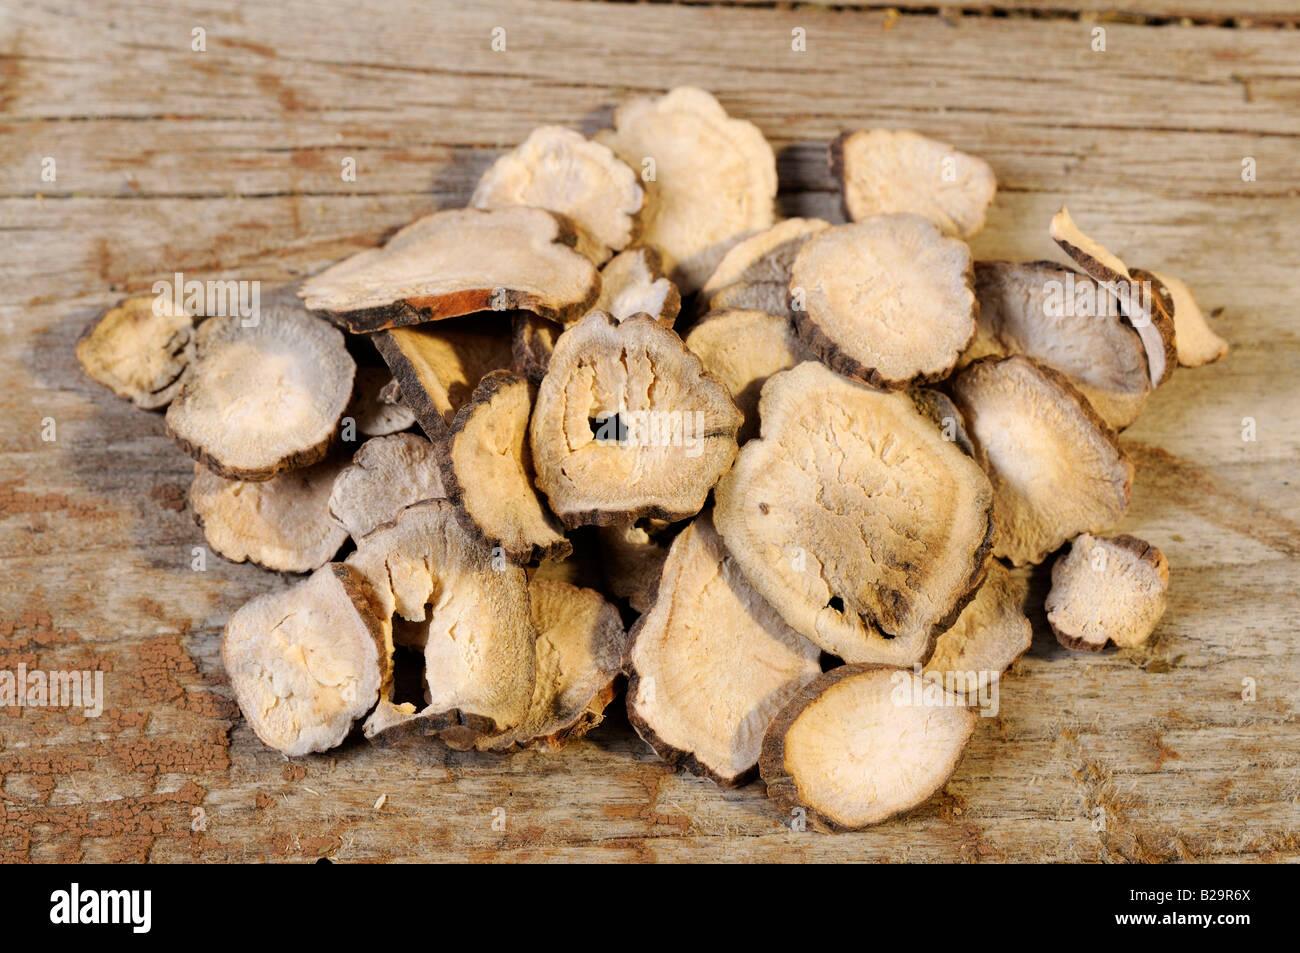 Roten Paeony Root / Chi Shao Stockfoto